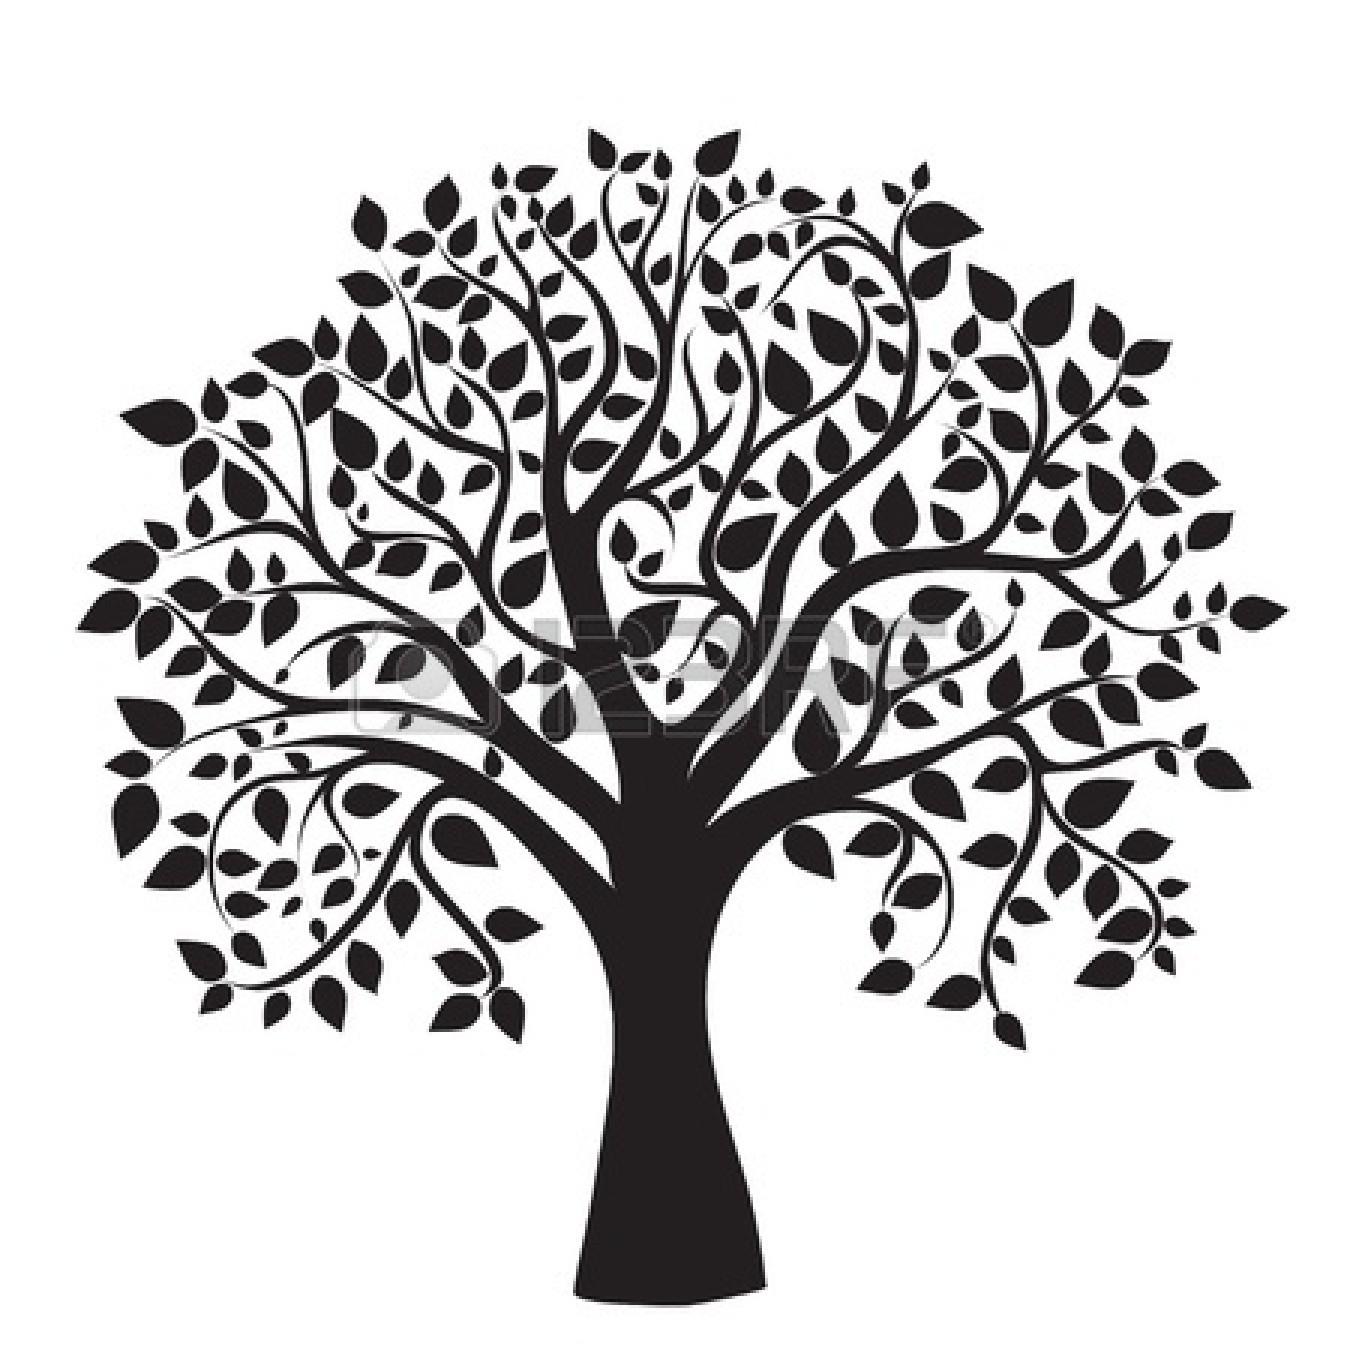 Desert tree clipart black and white.